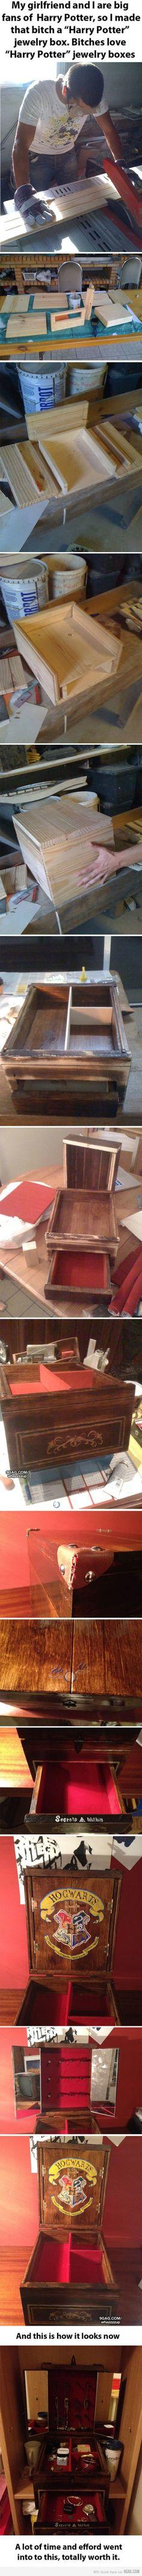 HAHAHAHA....bitches love Harry Potter jewelry boxes!